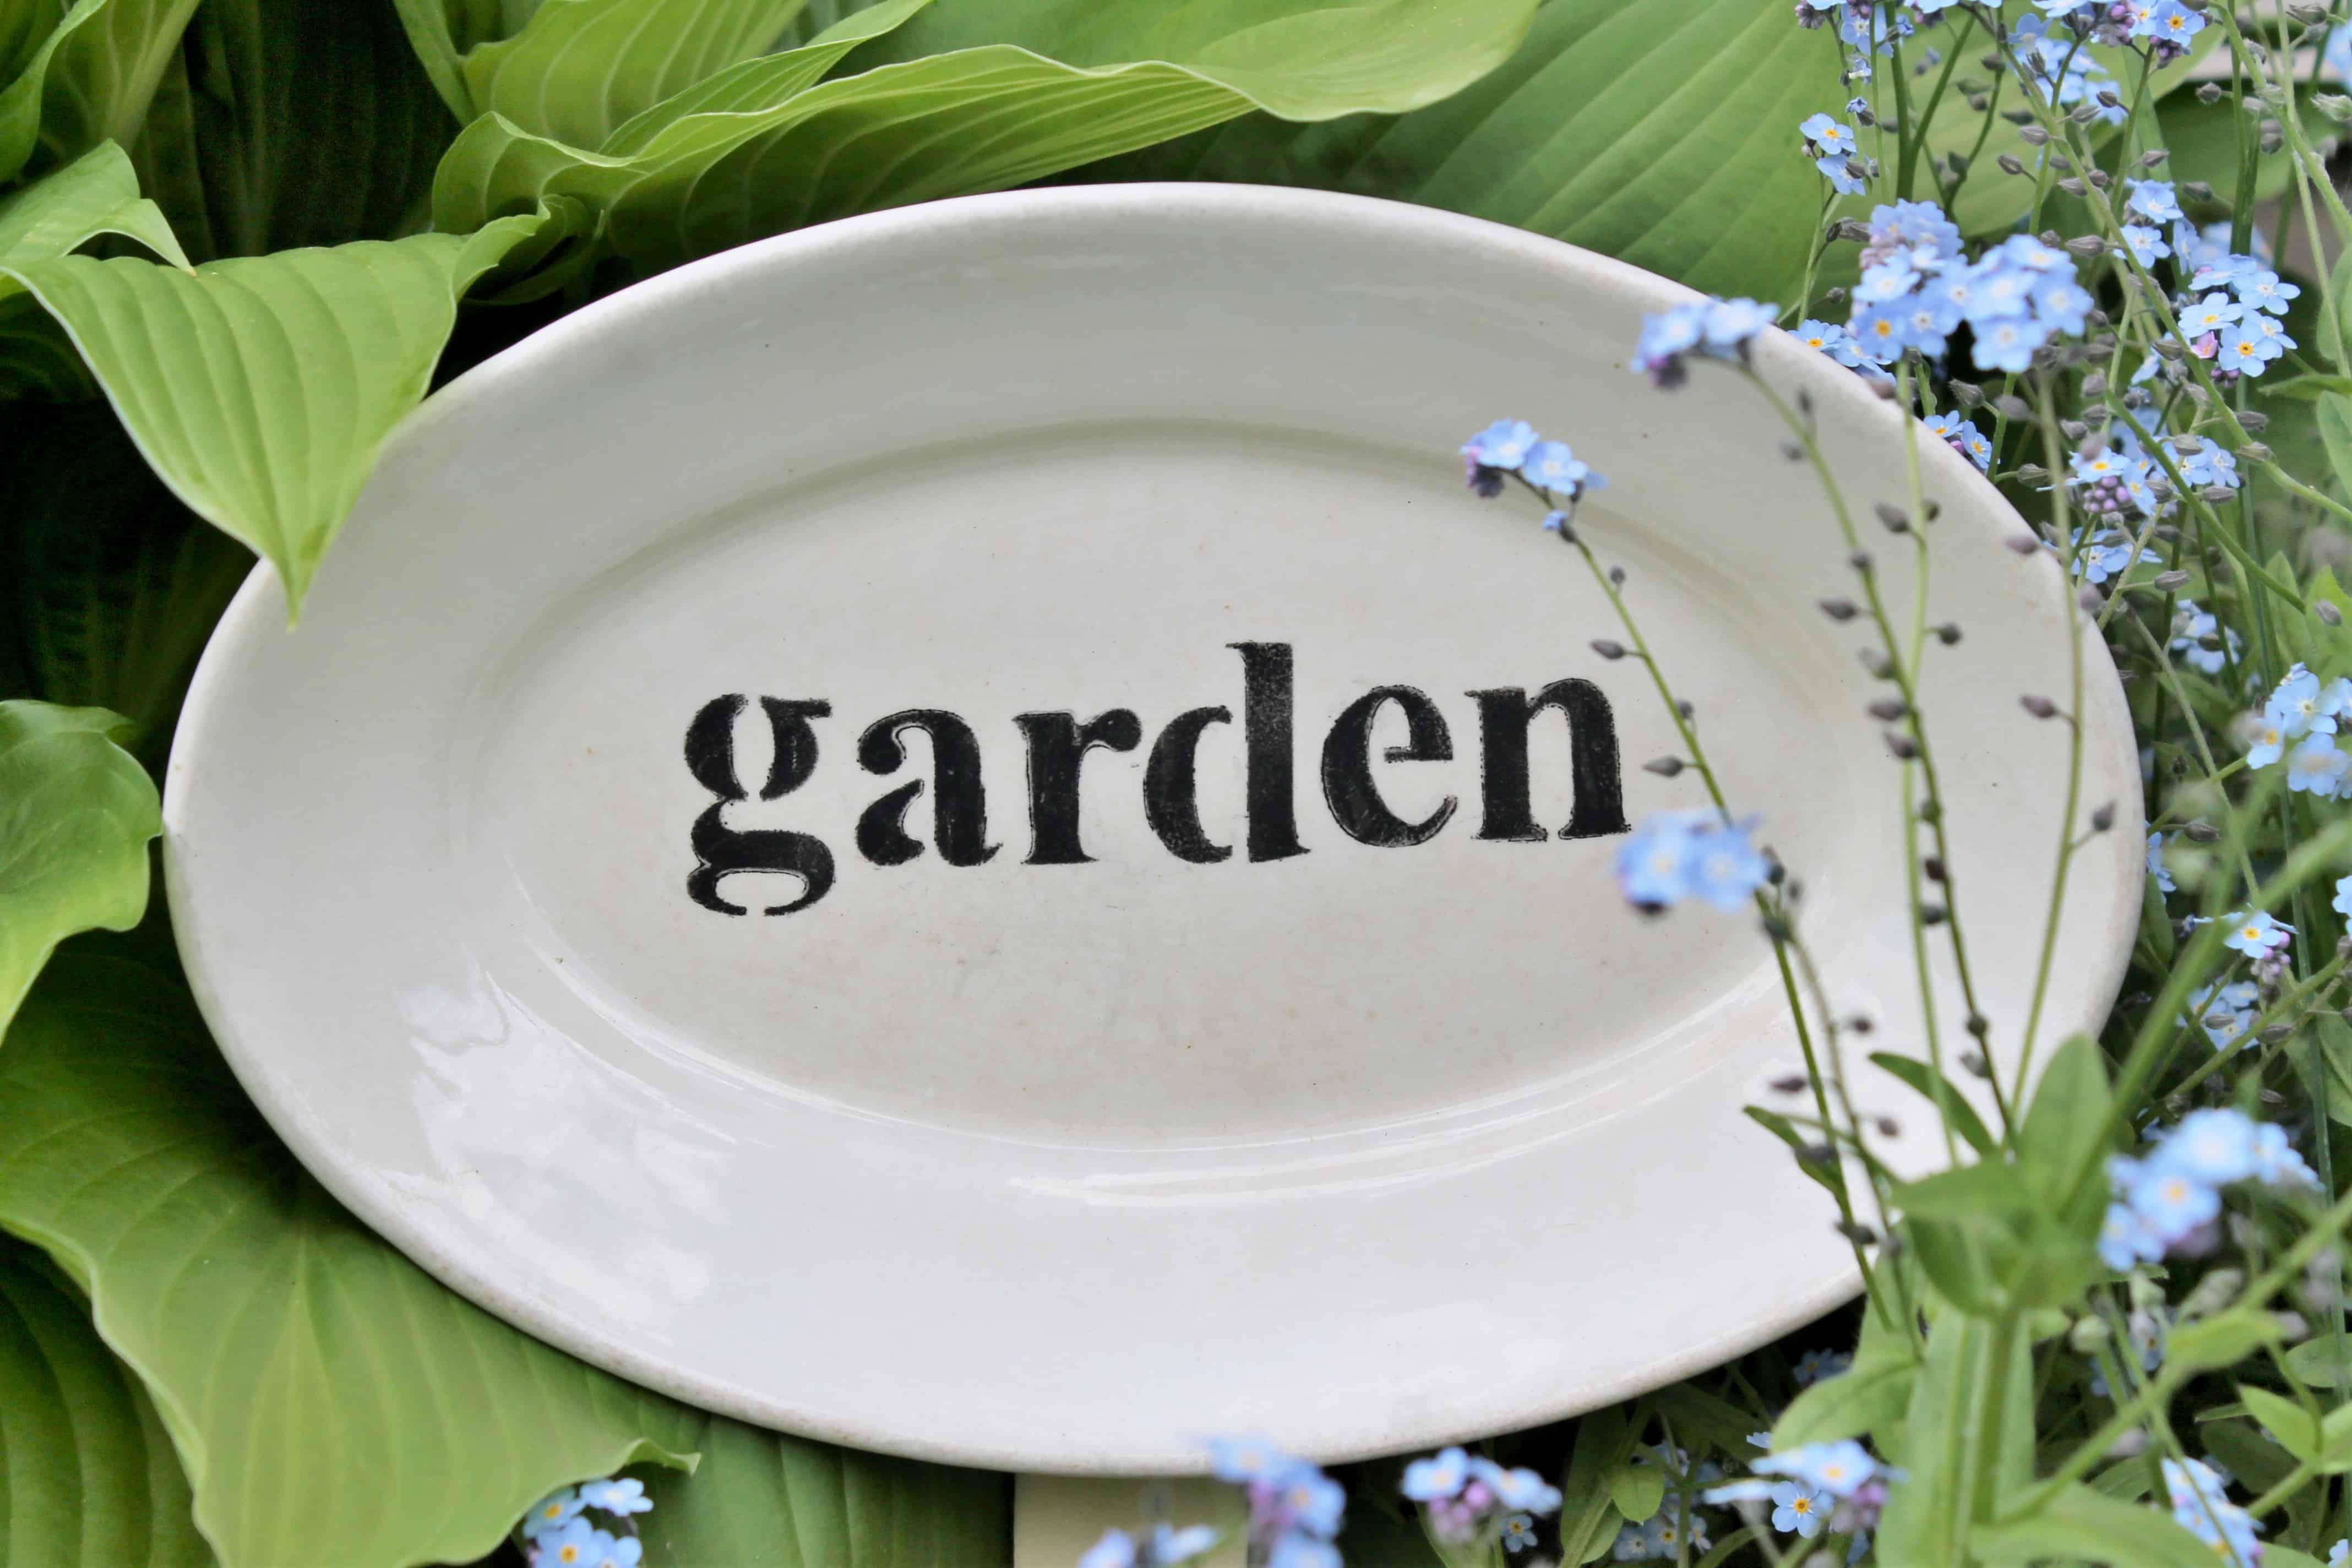 Garden sign on vintage platter (6)